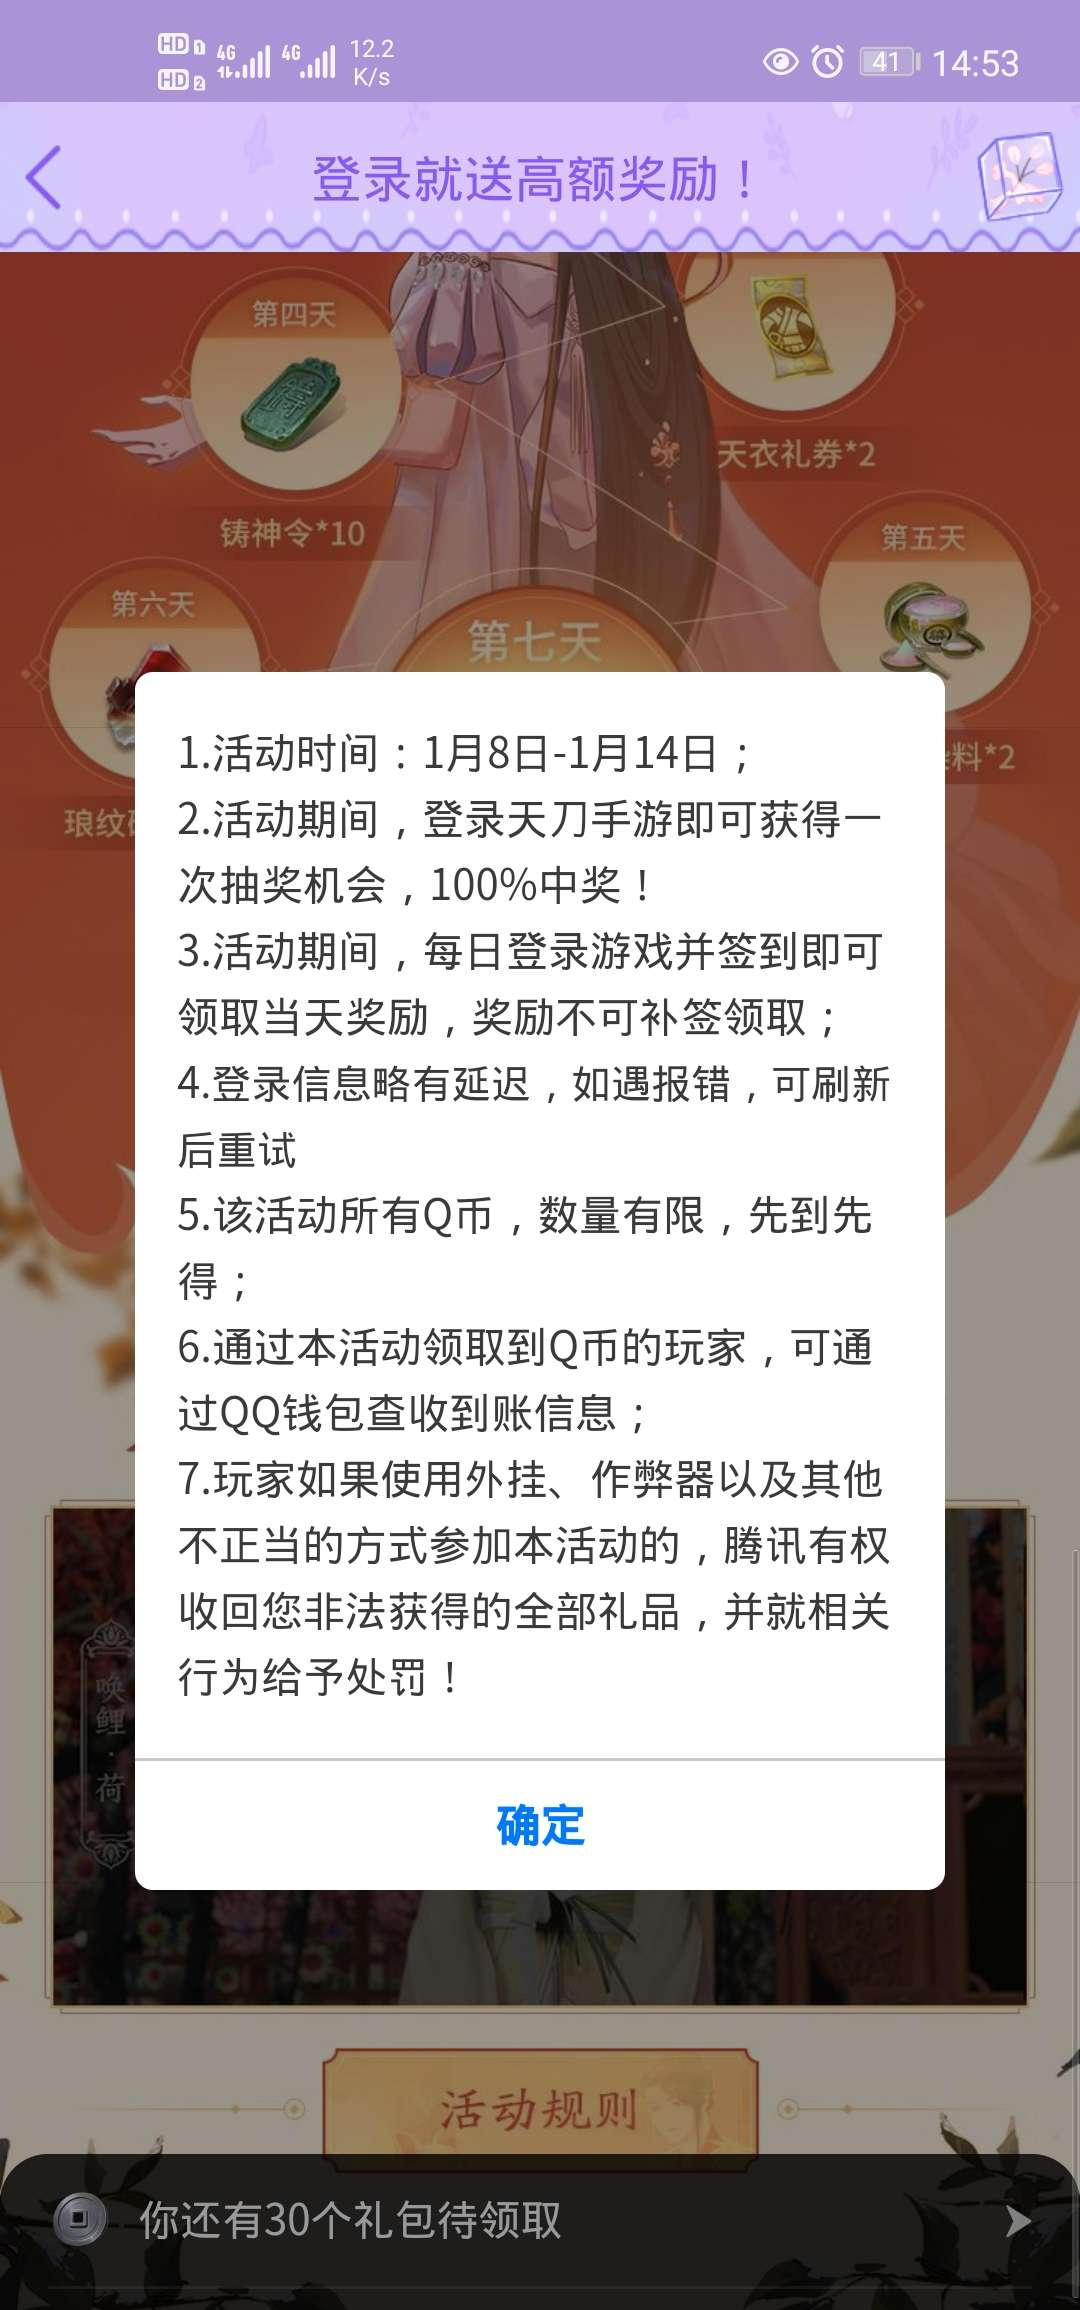 图片[2]-天涯明月刀登录游戏抽Q币-老友薅羊毛活动线报网